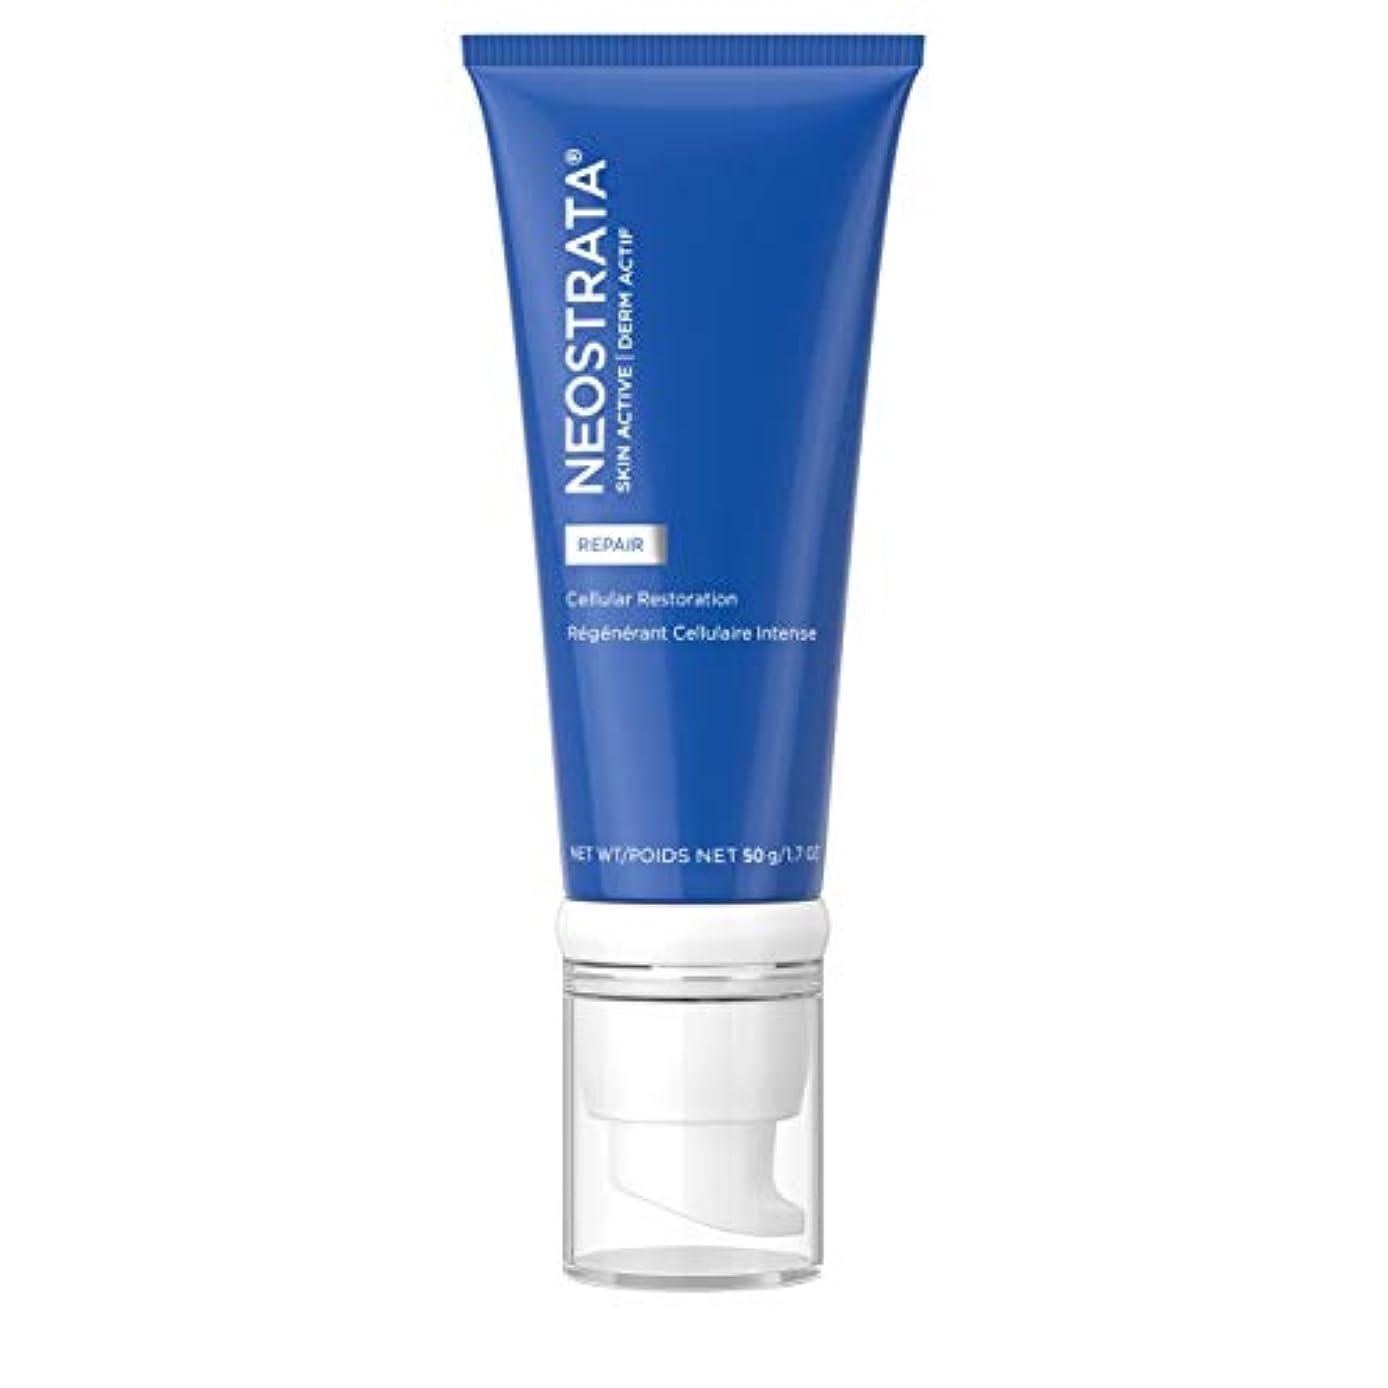 遠近法ベルシャッターネオストラータ Skin Active Derm Actif Repair - Cellular Restoration 50g/1.7oz並行輸入品